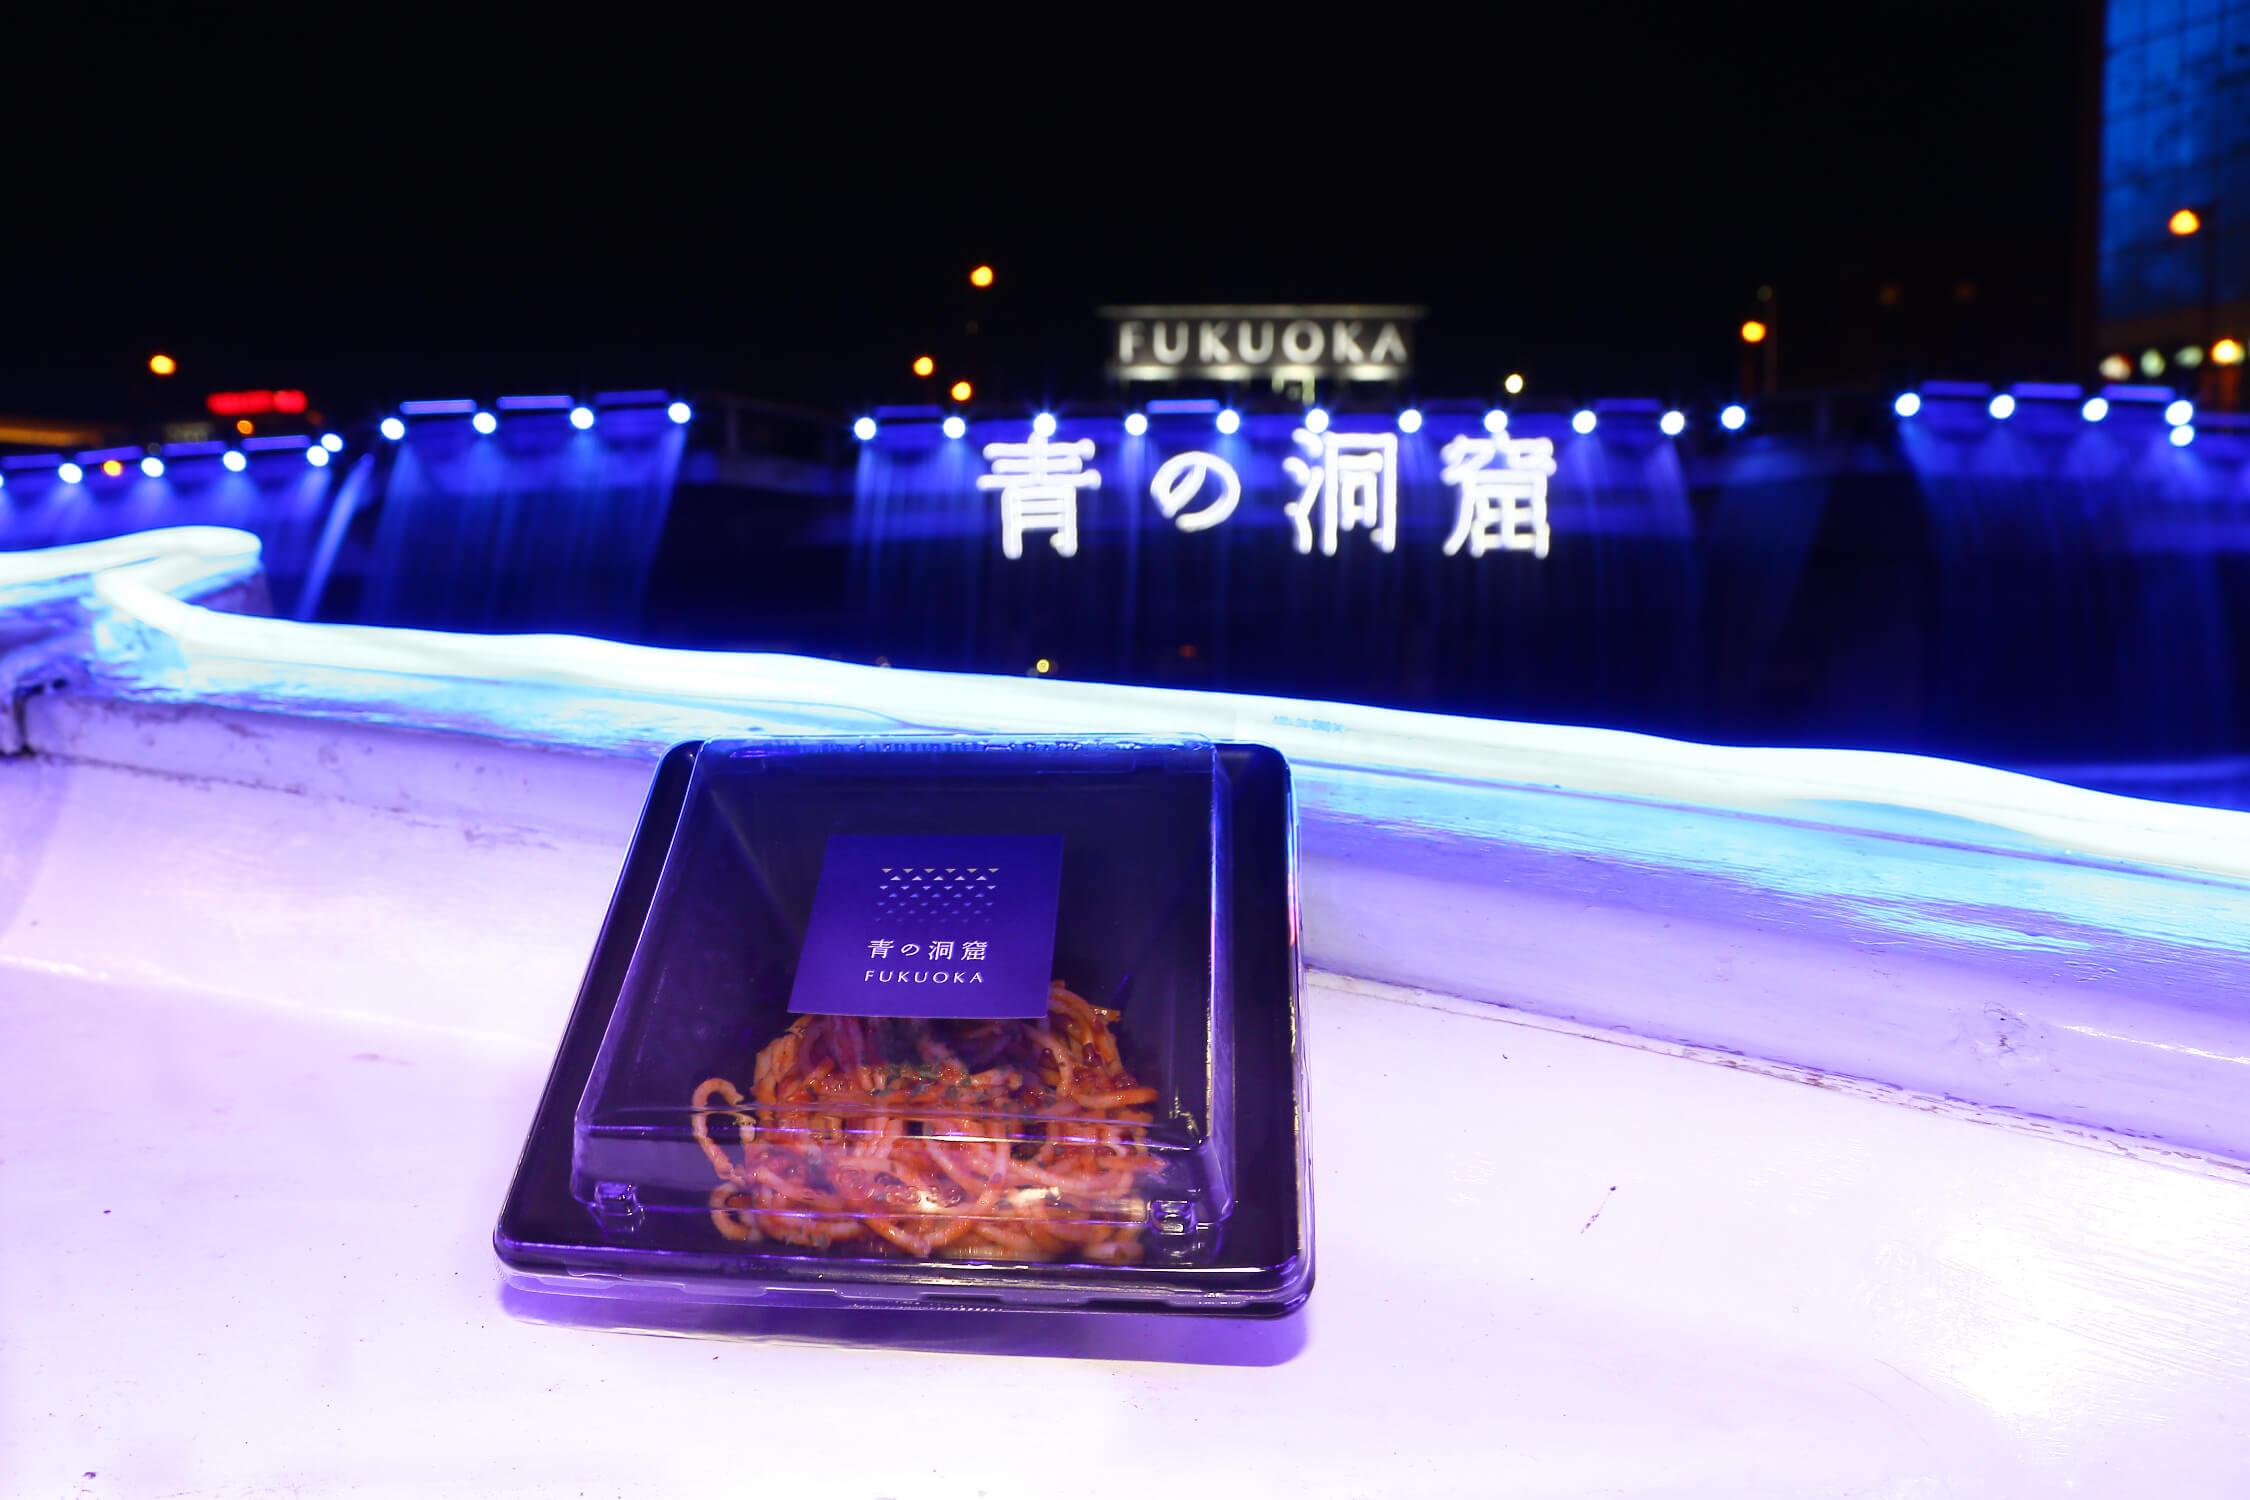 青の洞窟 福岡 イルミネーション Ao no dokutsu fukuoka illumination 3